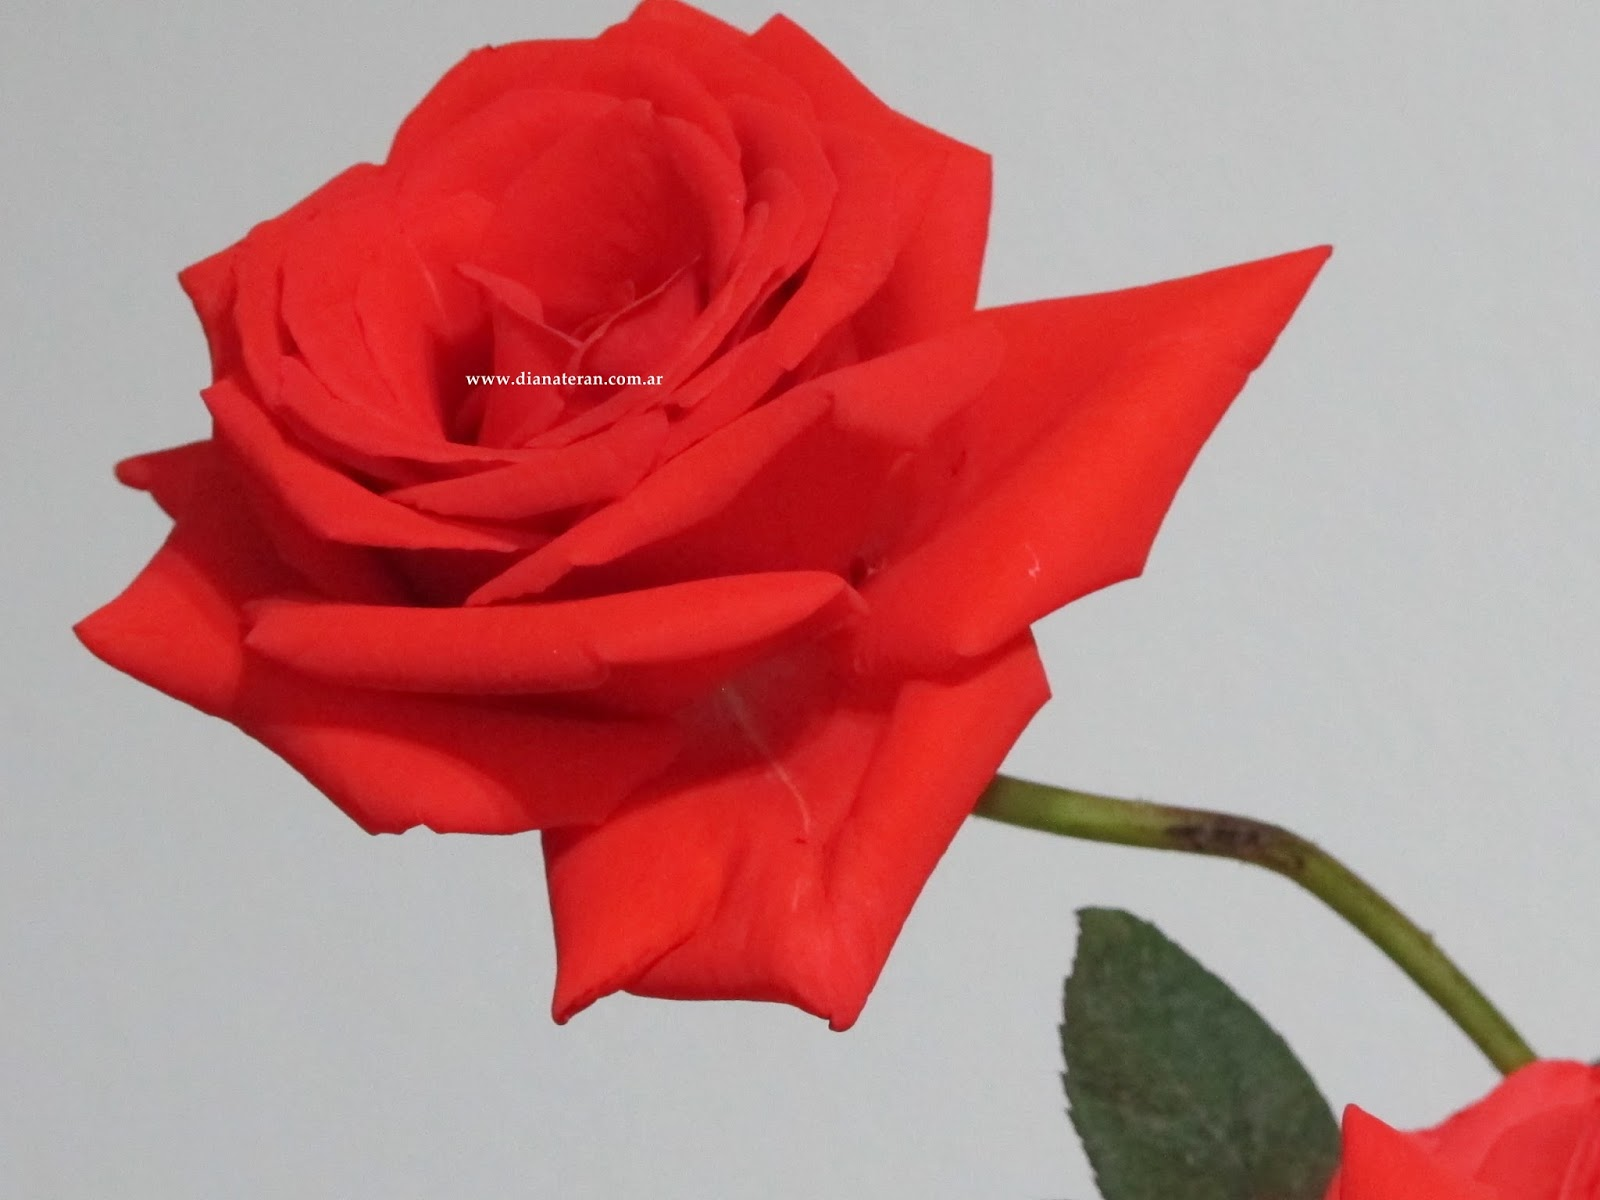 Imagenes De Rosas De Distintos Colores - rosas de color rosa de imagen Descargar Fotos gratis